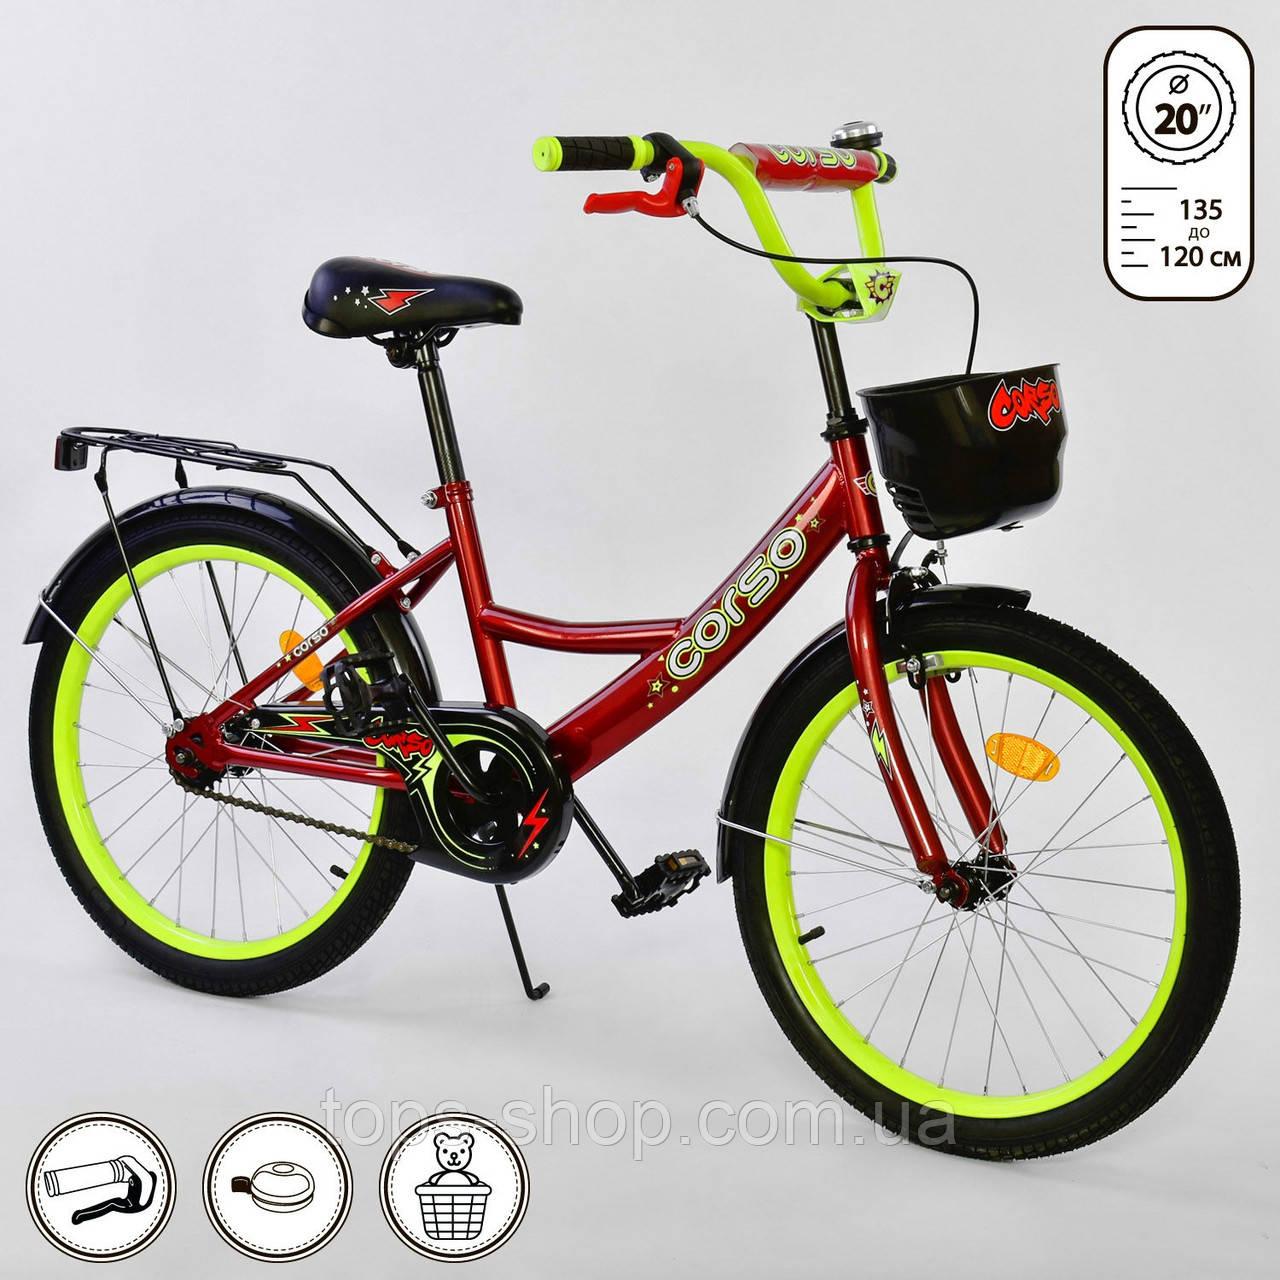 """Велосипед 20 дюймів 2-х колісний """"CORSO"""" ЧЕРВОНИЙ, ручного гальма, дзвіночок, м'яке сидіння"""